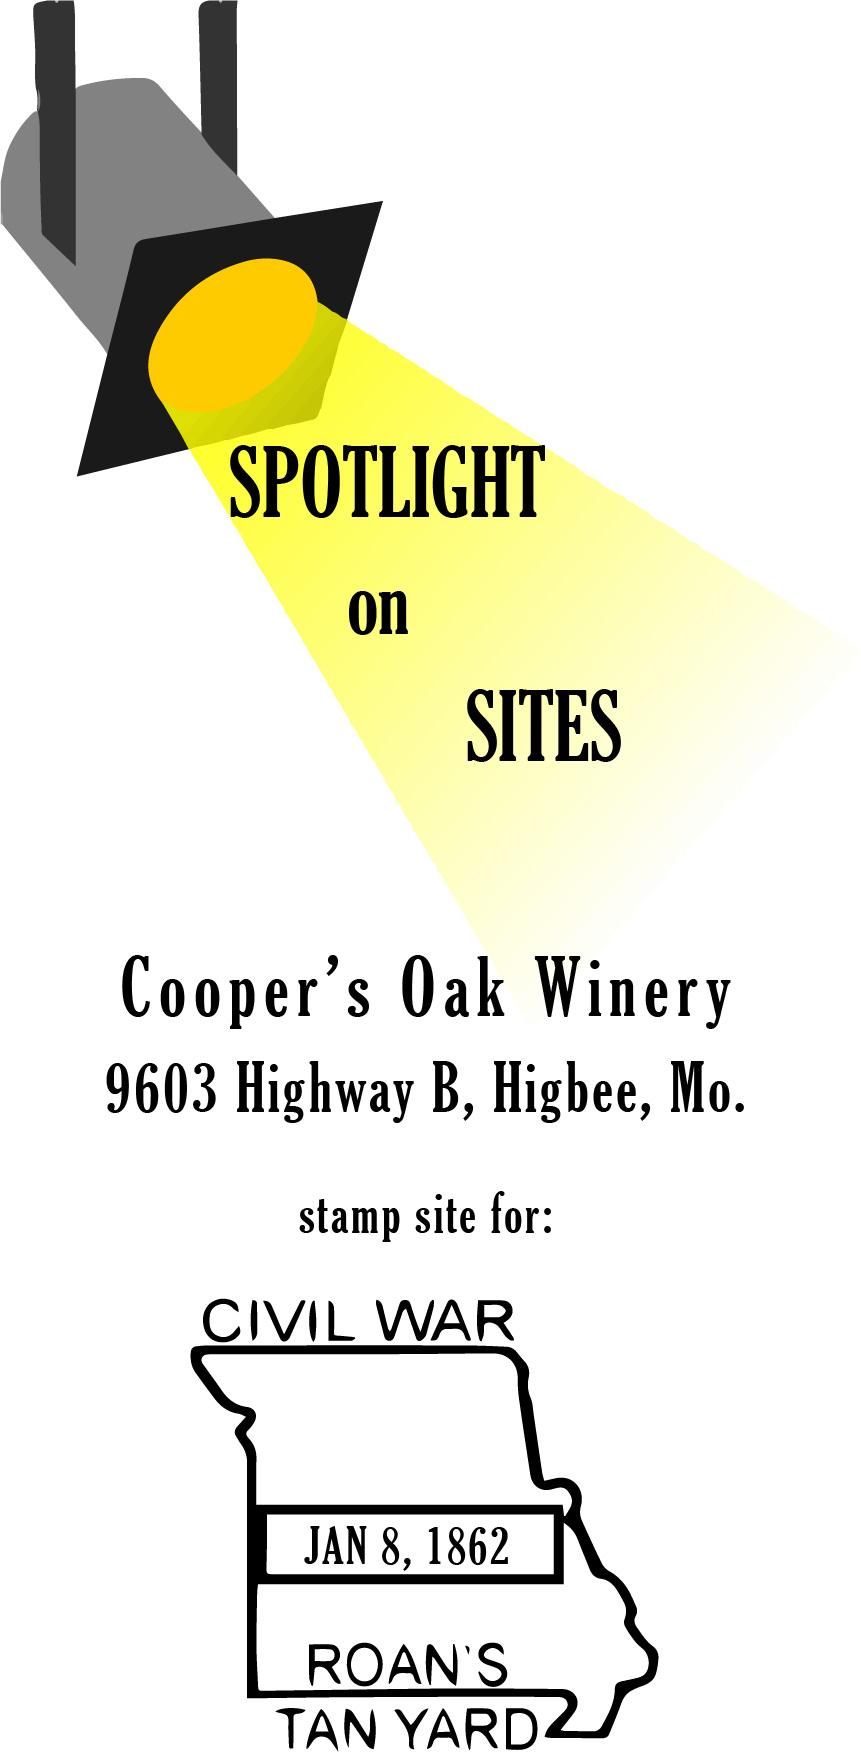 Spotlight on Cooper's Oak